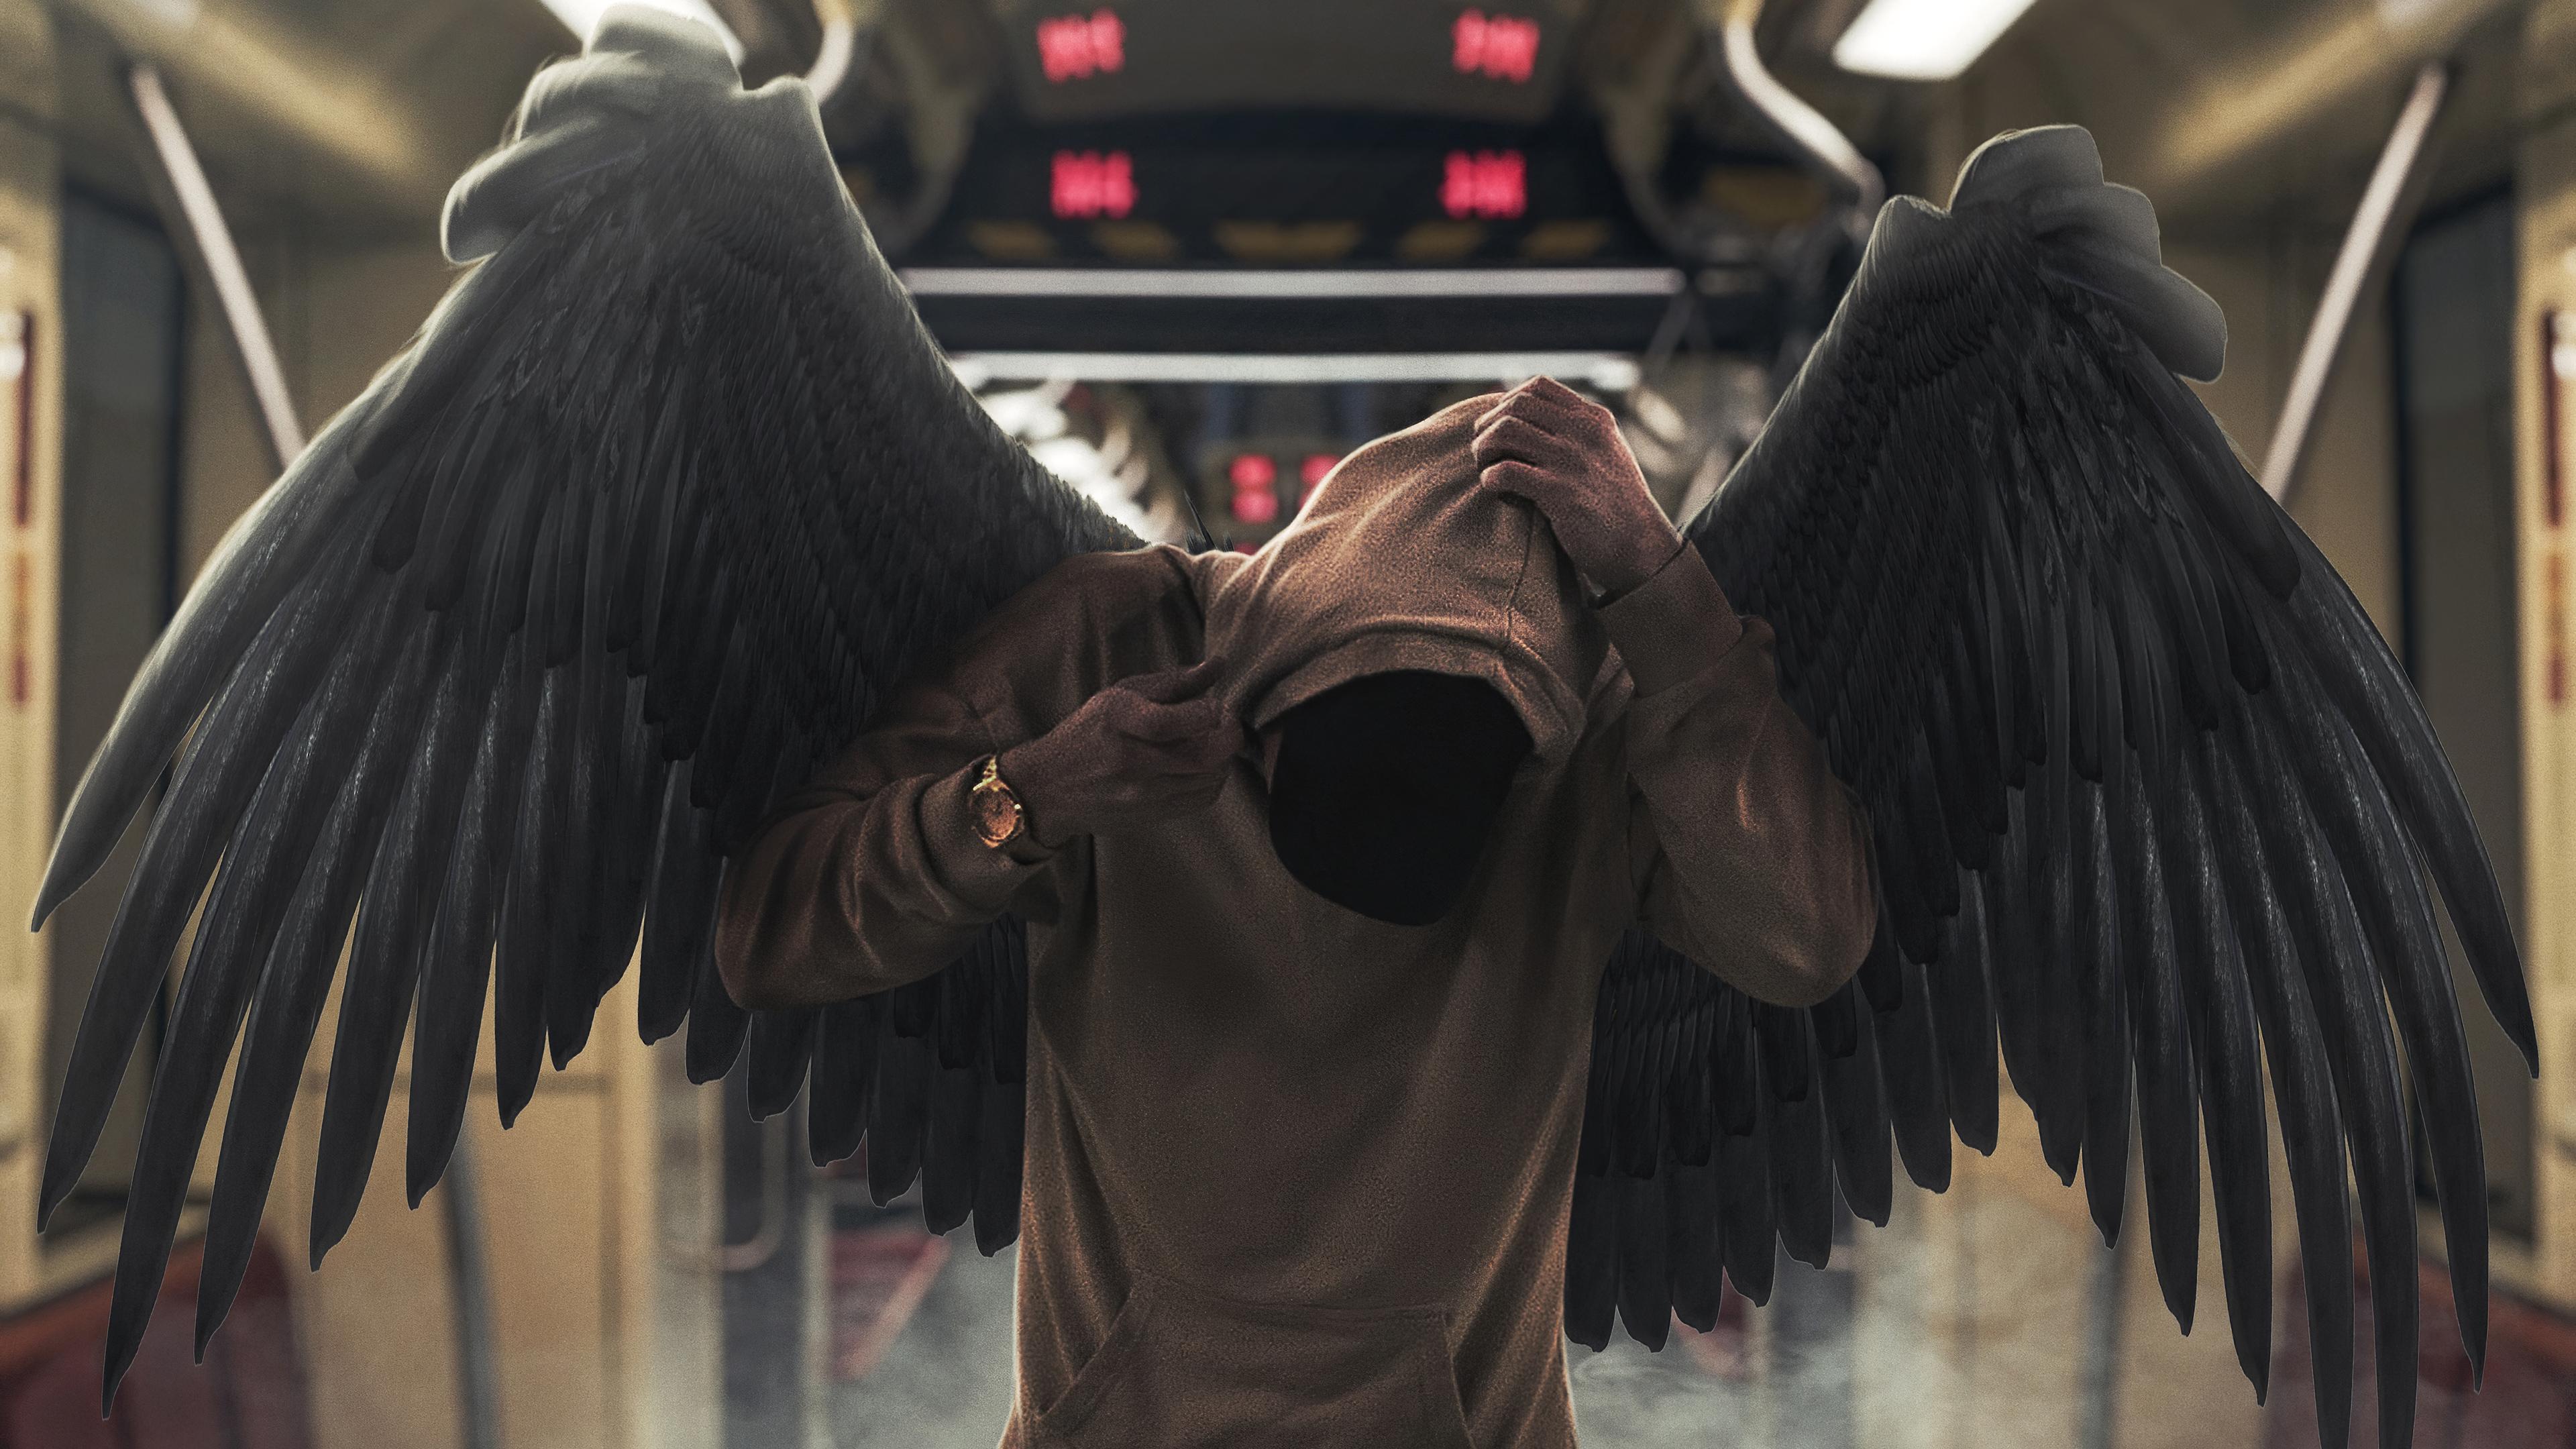 hoodie boy wings 1574938622 - Hoodie Boy Wings -